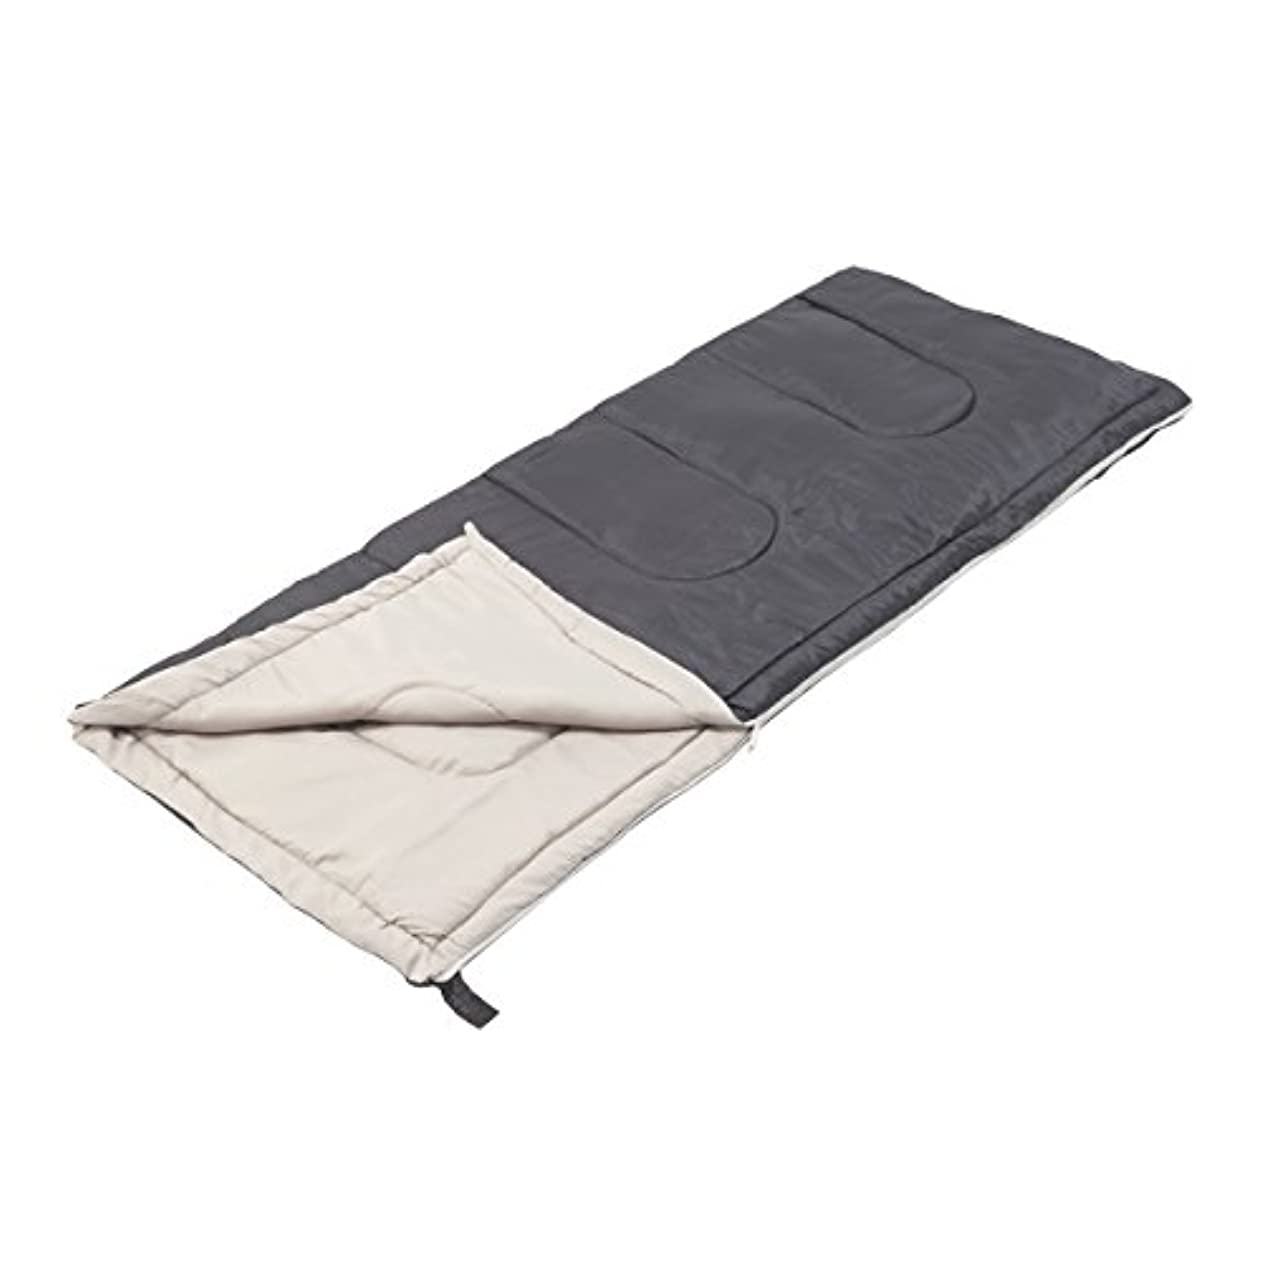 ベッドを作る金属オプショナルキャプテンスタッグ(CAPTAIN STAG) 寝袋 【最低使用温度12度】 封筒型シュラフ フォルノ 800 ダークネイビー M-3473